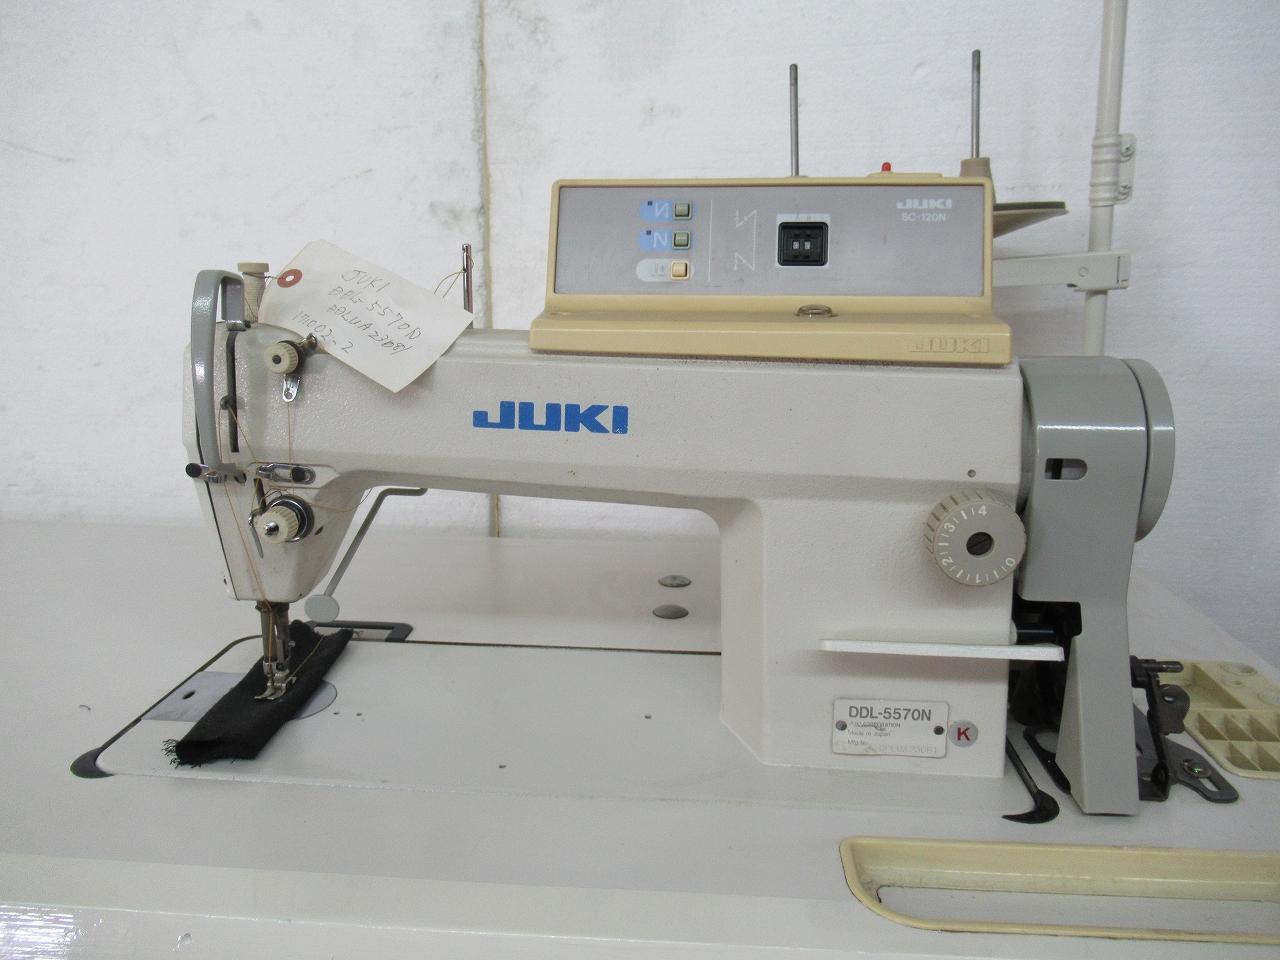 【中古】 ジューキ JUKIミシン 1本針自動糸きりミシン モデルNO DDL-5570N-SC-120N サーボモーター